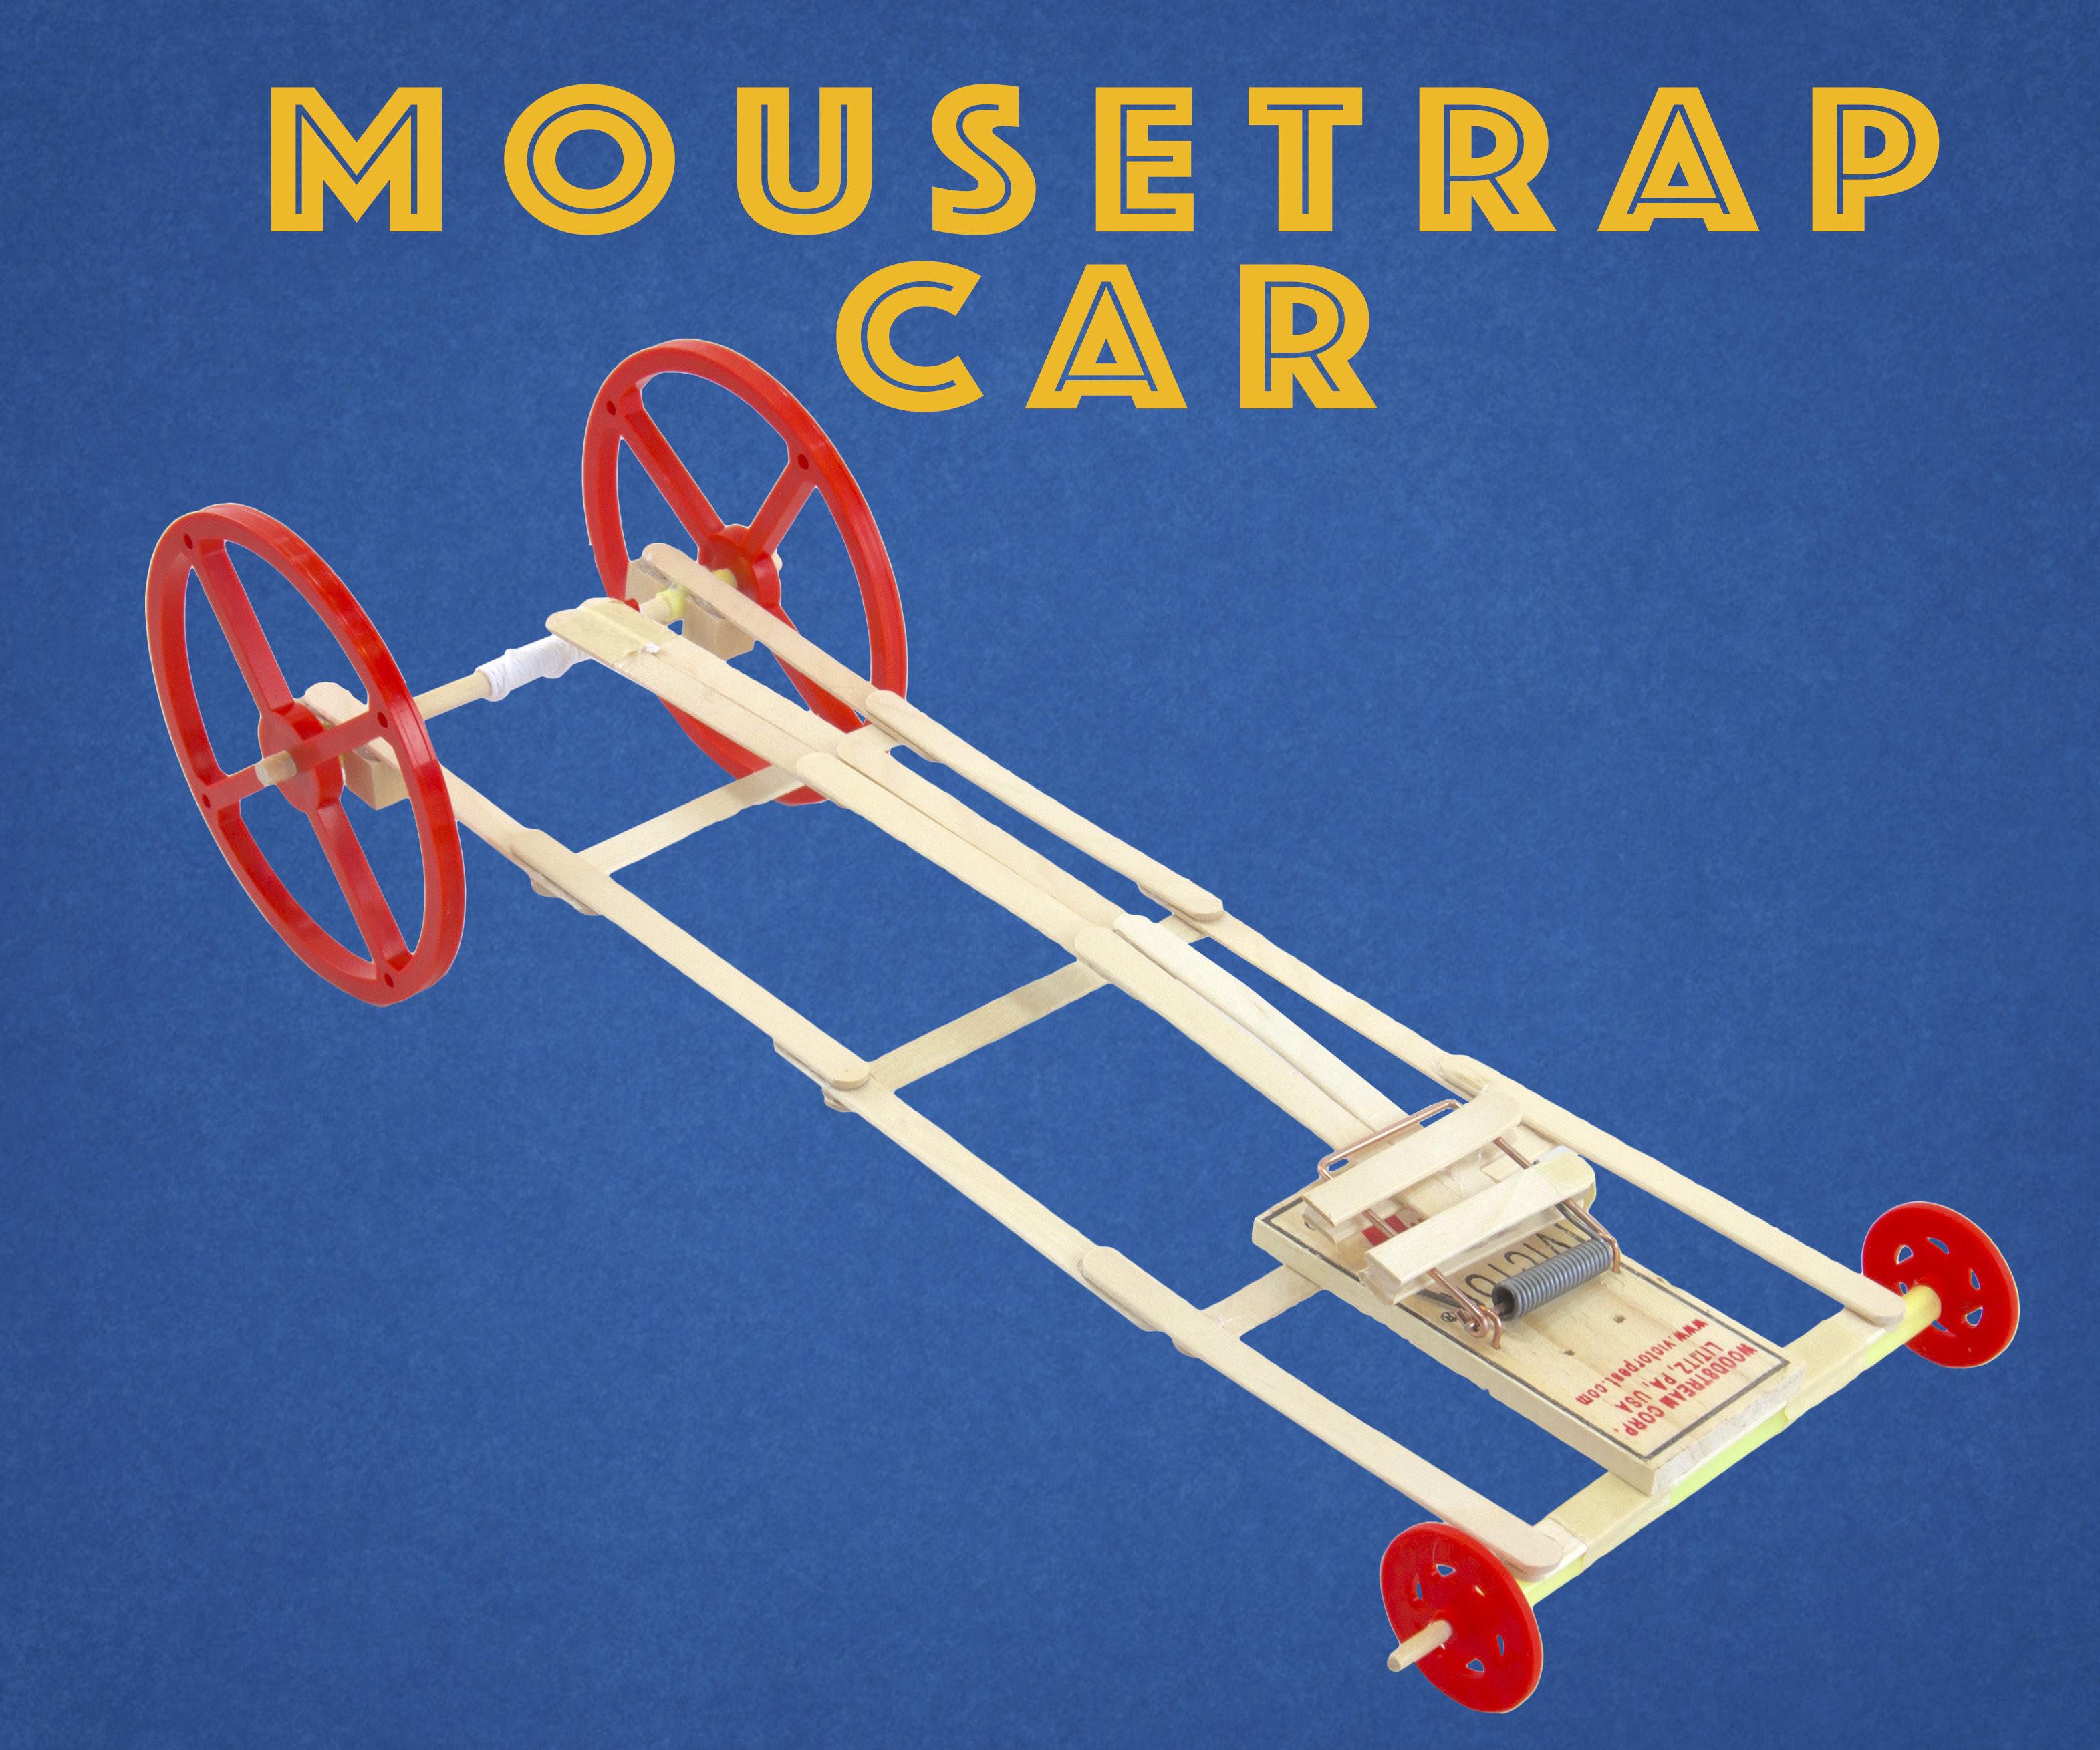 Mousetrap Car - Explained